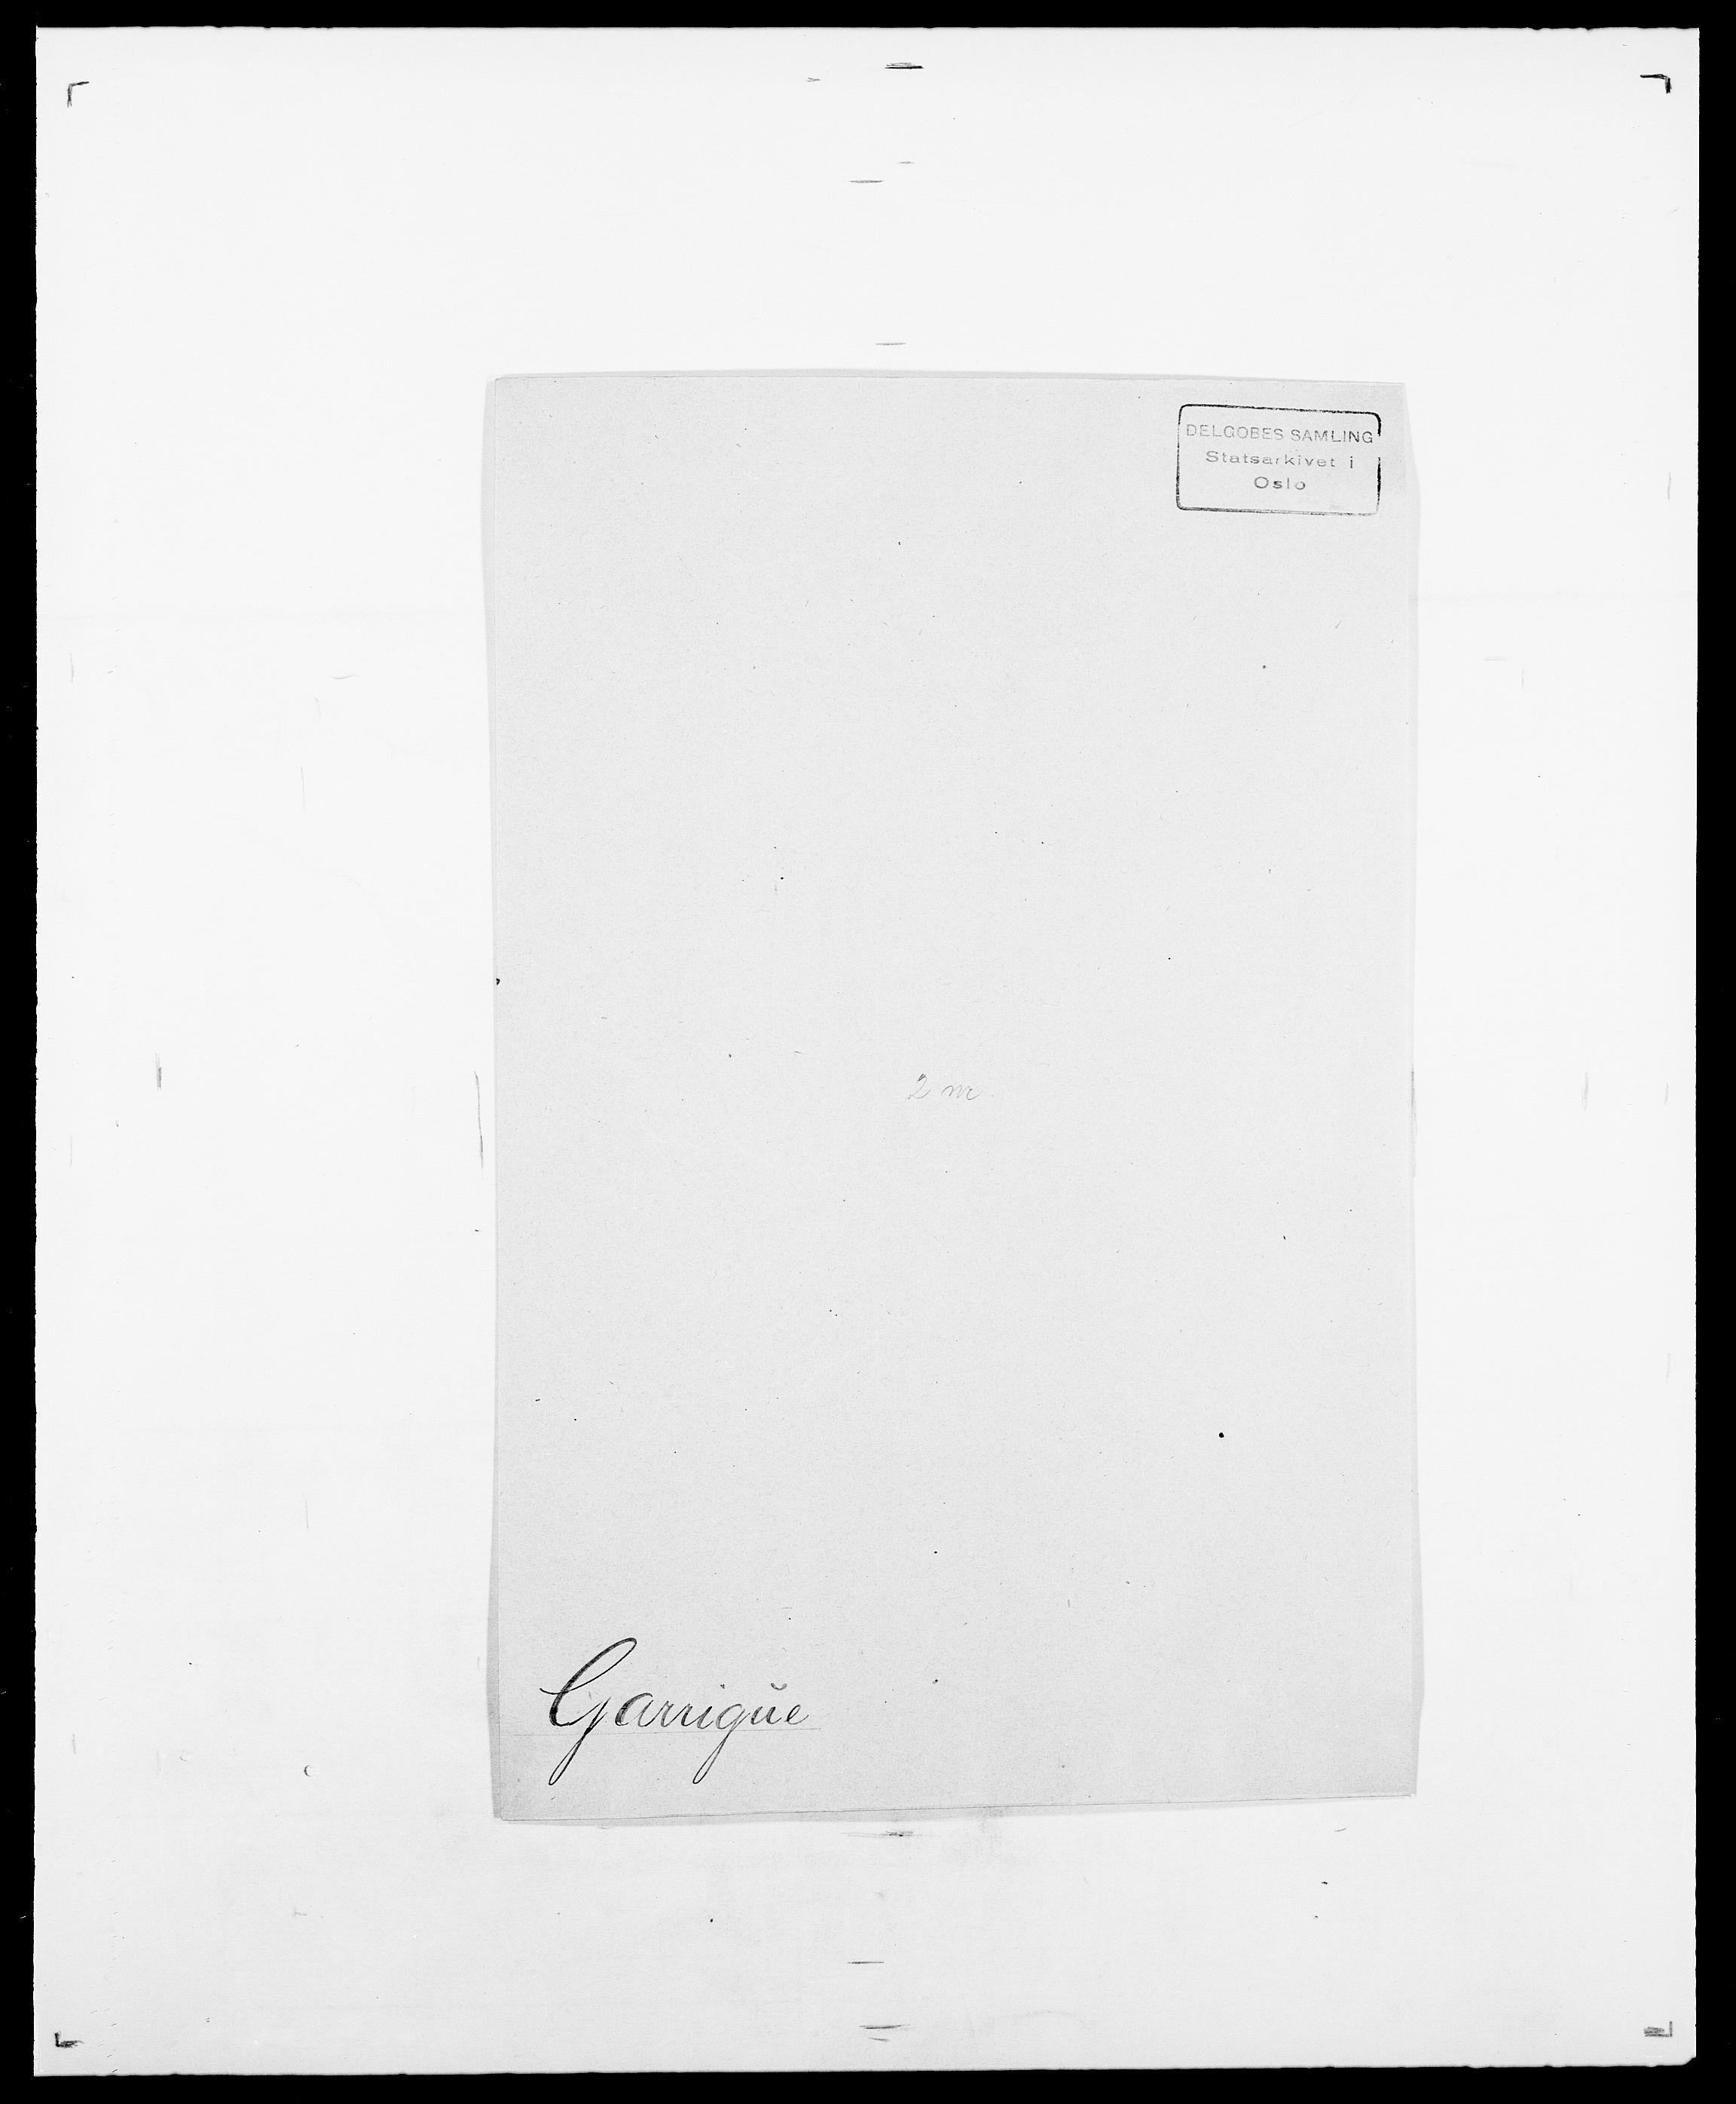 SAO, Delgobe, Charles Antoine - samling, D/Da/L0013: Forbos - Geving, s. 532